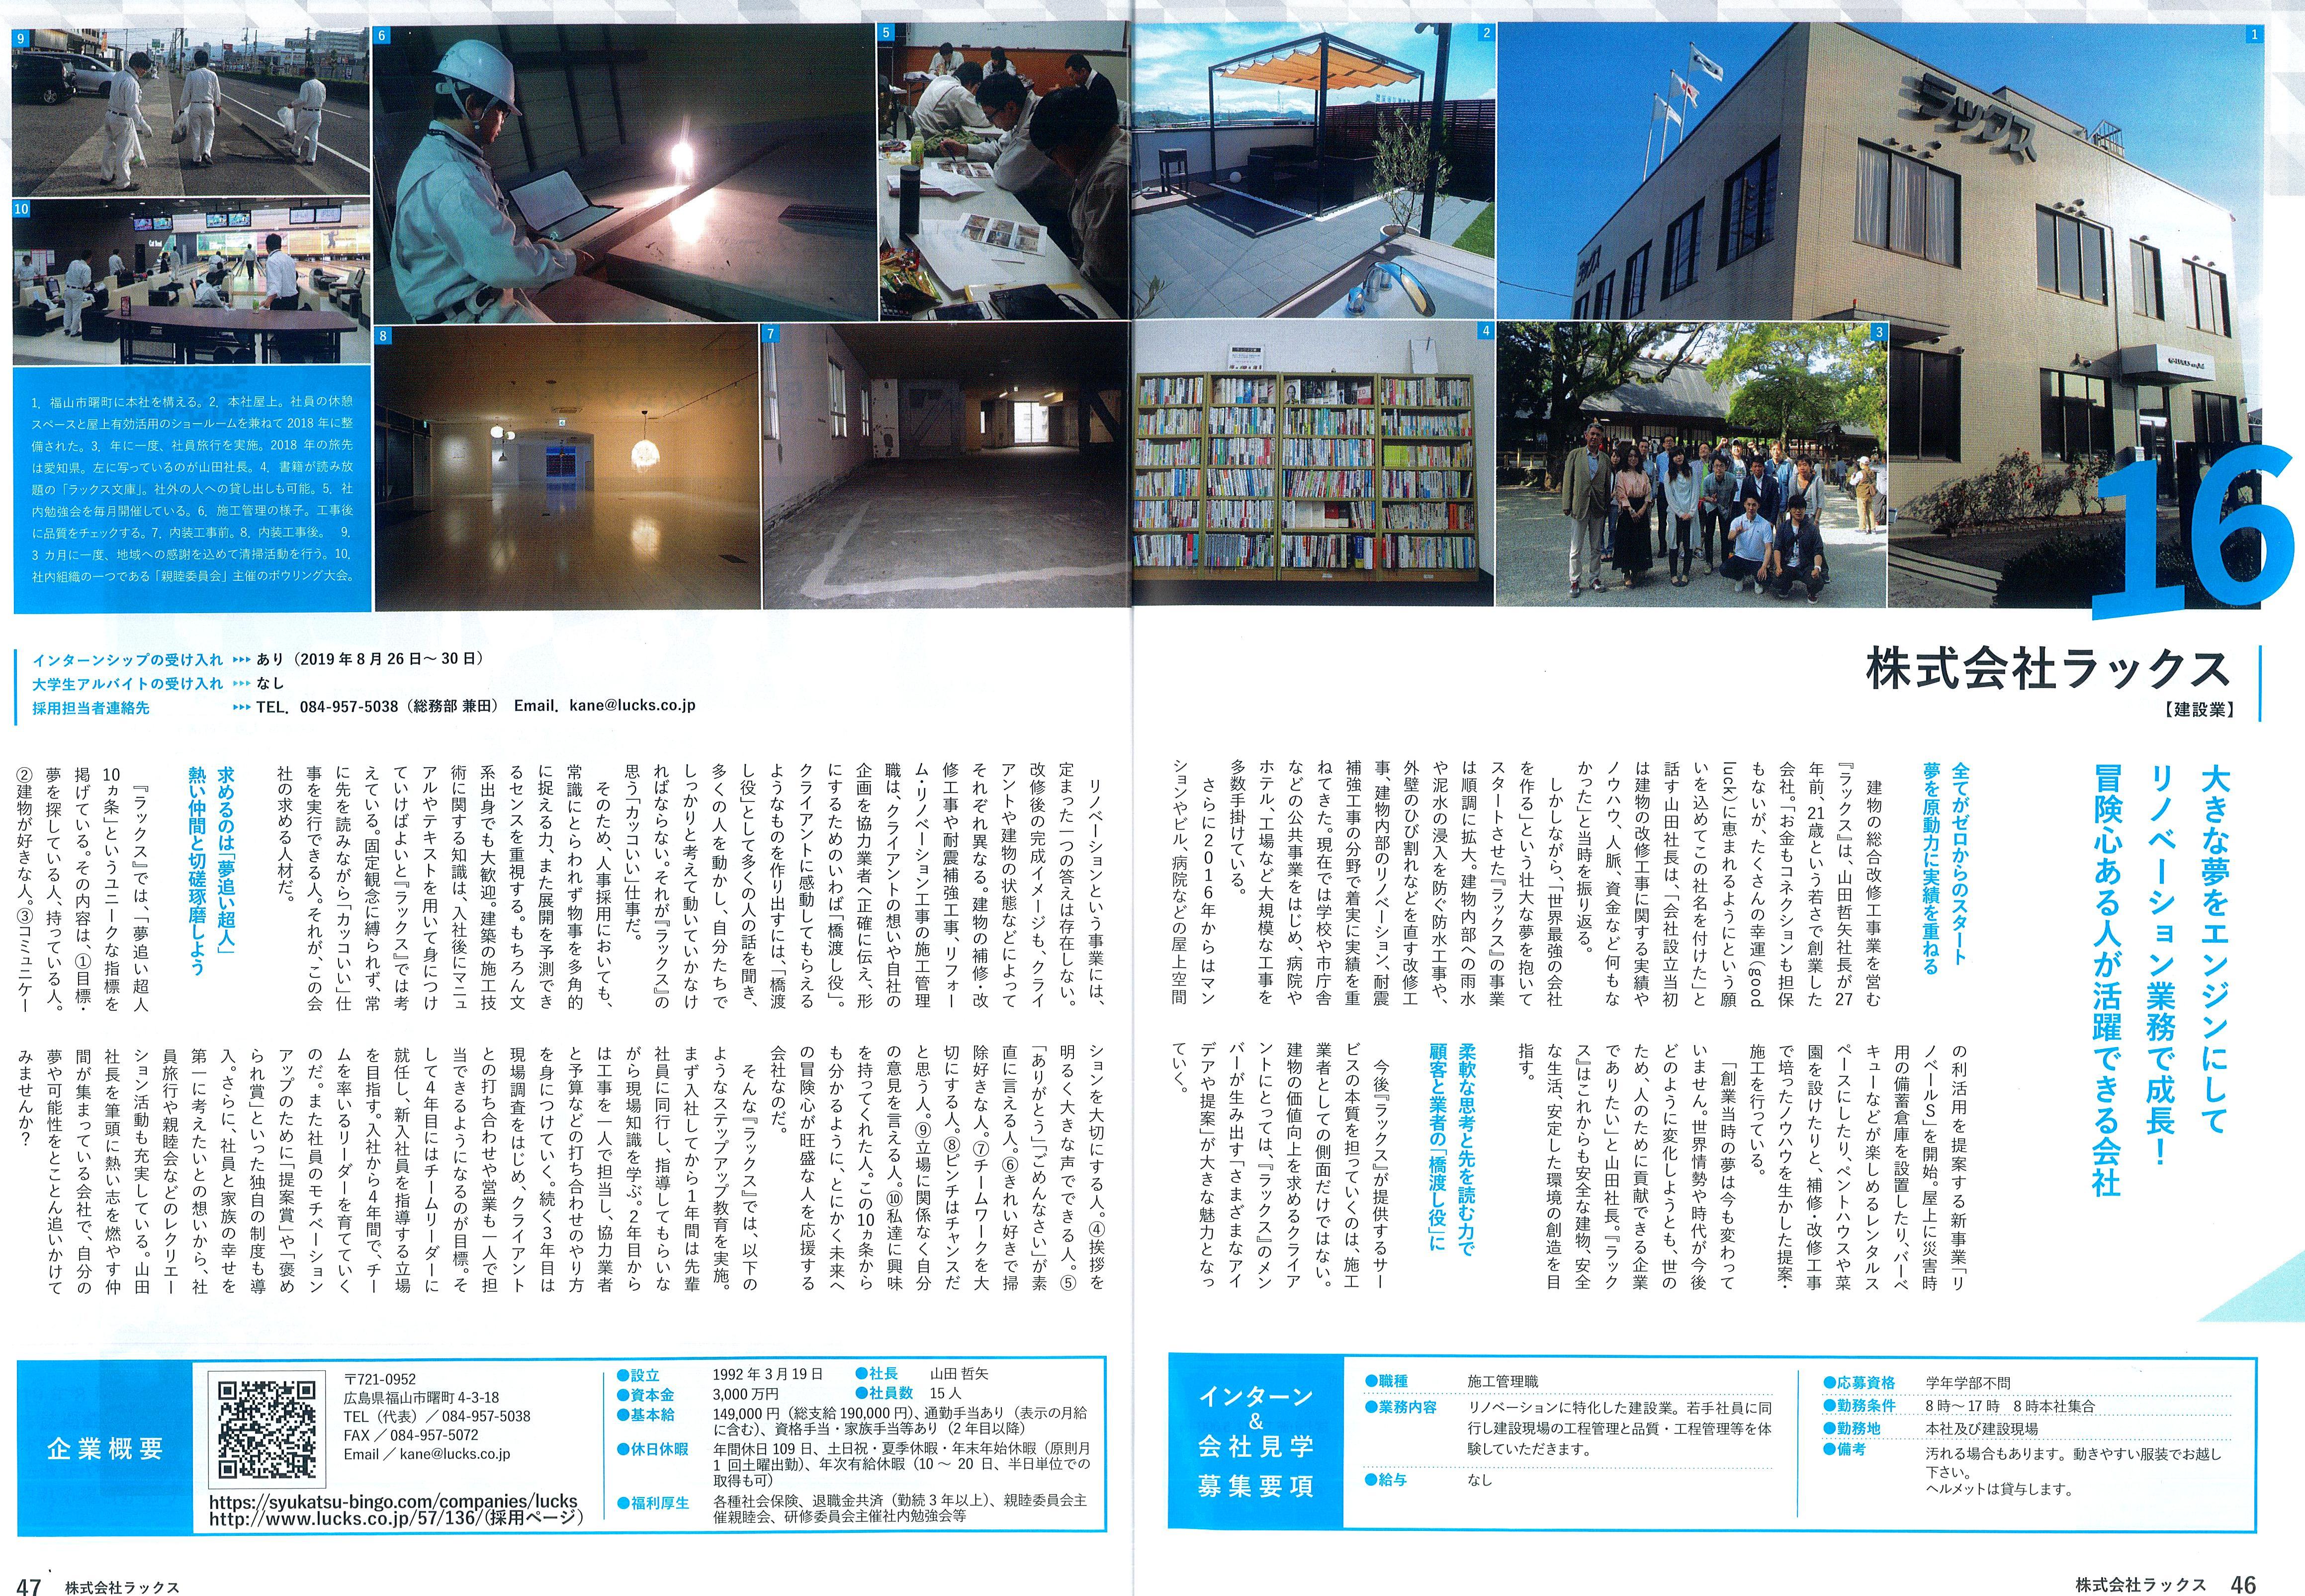 11_1.jpg